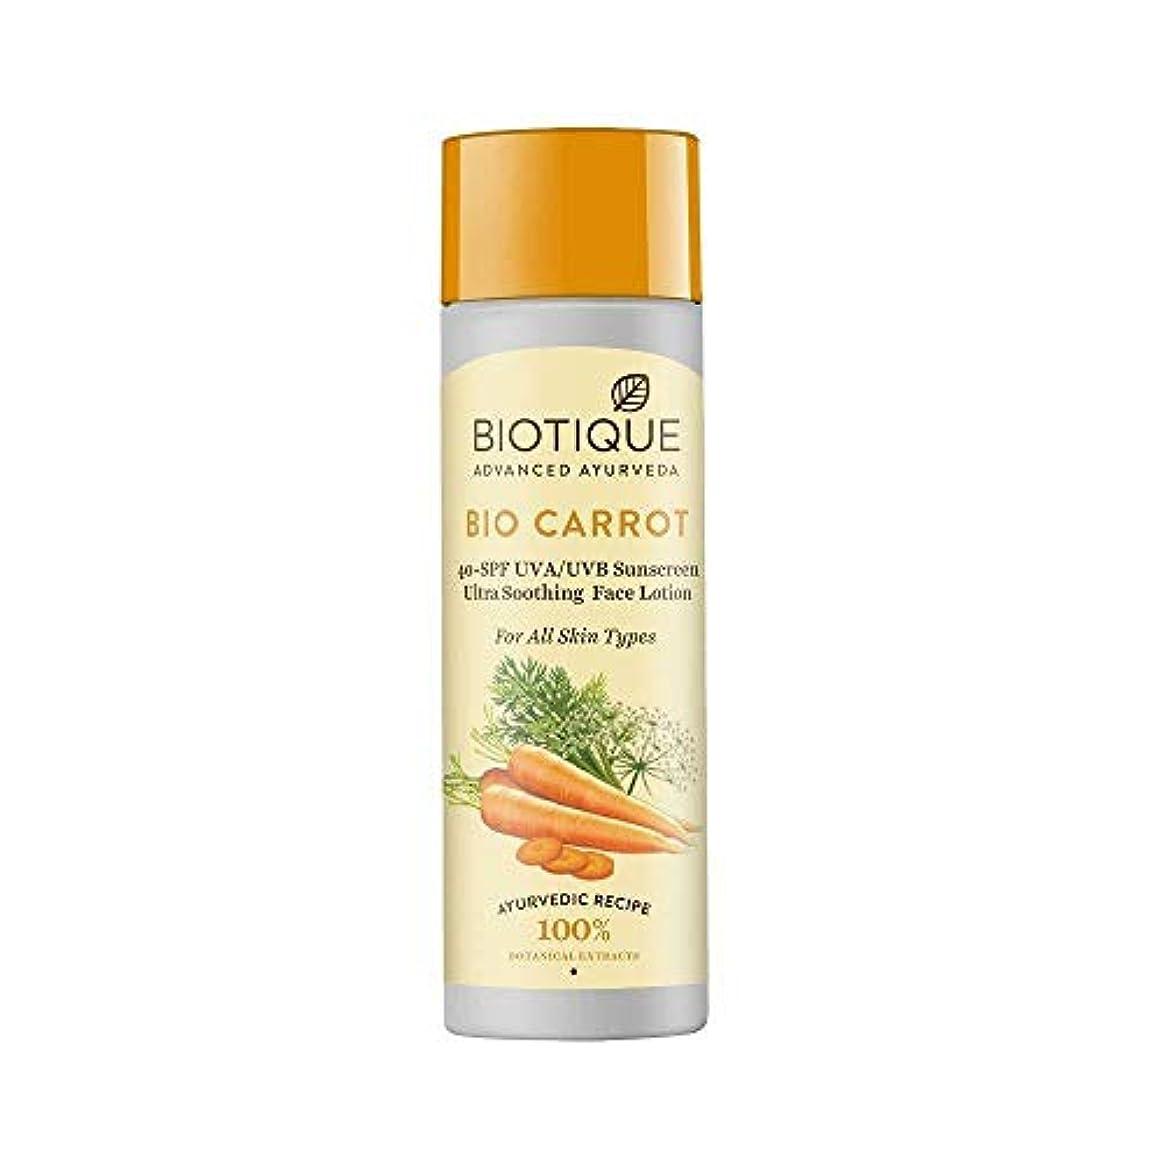 ボアシンボル責Biotique Bio Carrot Face & Body Sun Lotion SPF 40 UVA/UVB Sunscreen 190ml ビオティックバイオニンジンフェイス&ボディサンローションSPF 40 UVA...